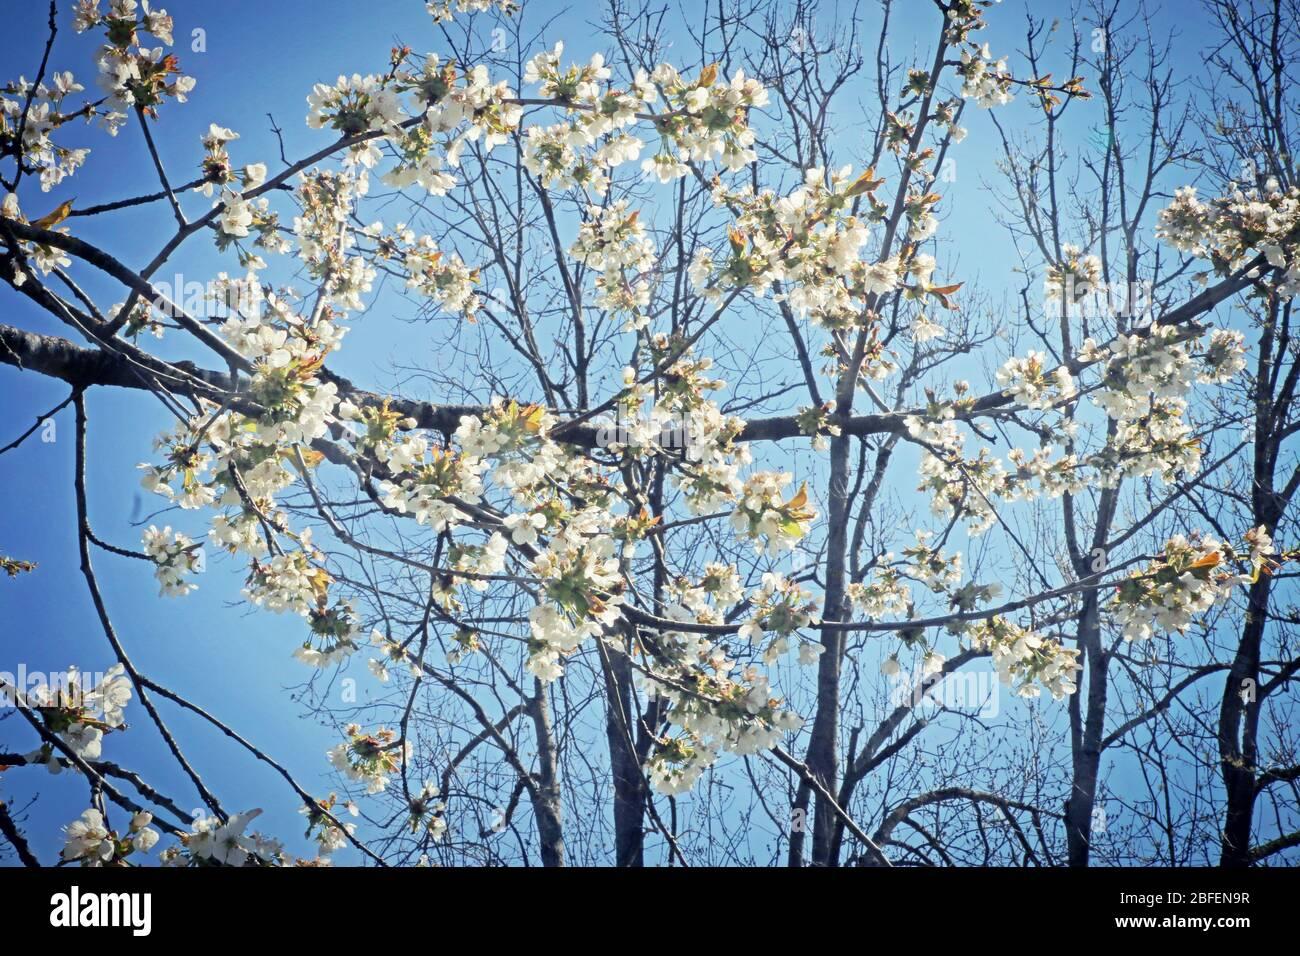 Printemps au Bayern, branches de pommiers pleines de fleurs blanches contre le ciel bleu, foyer doux Banque D'Images